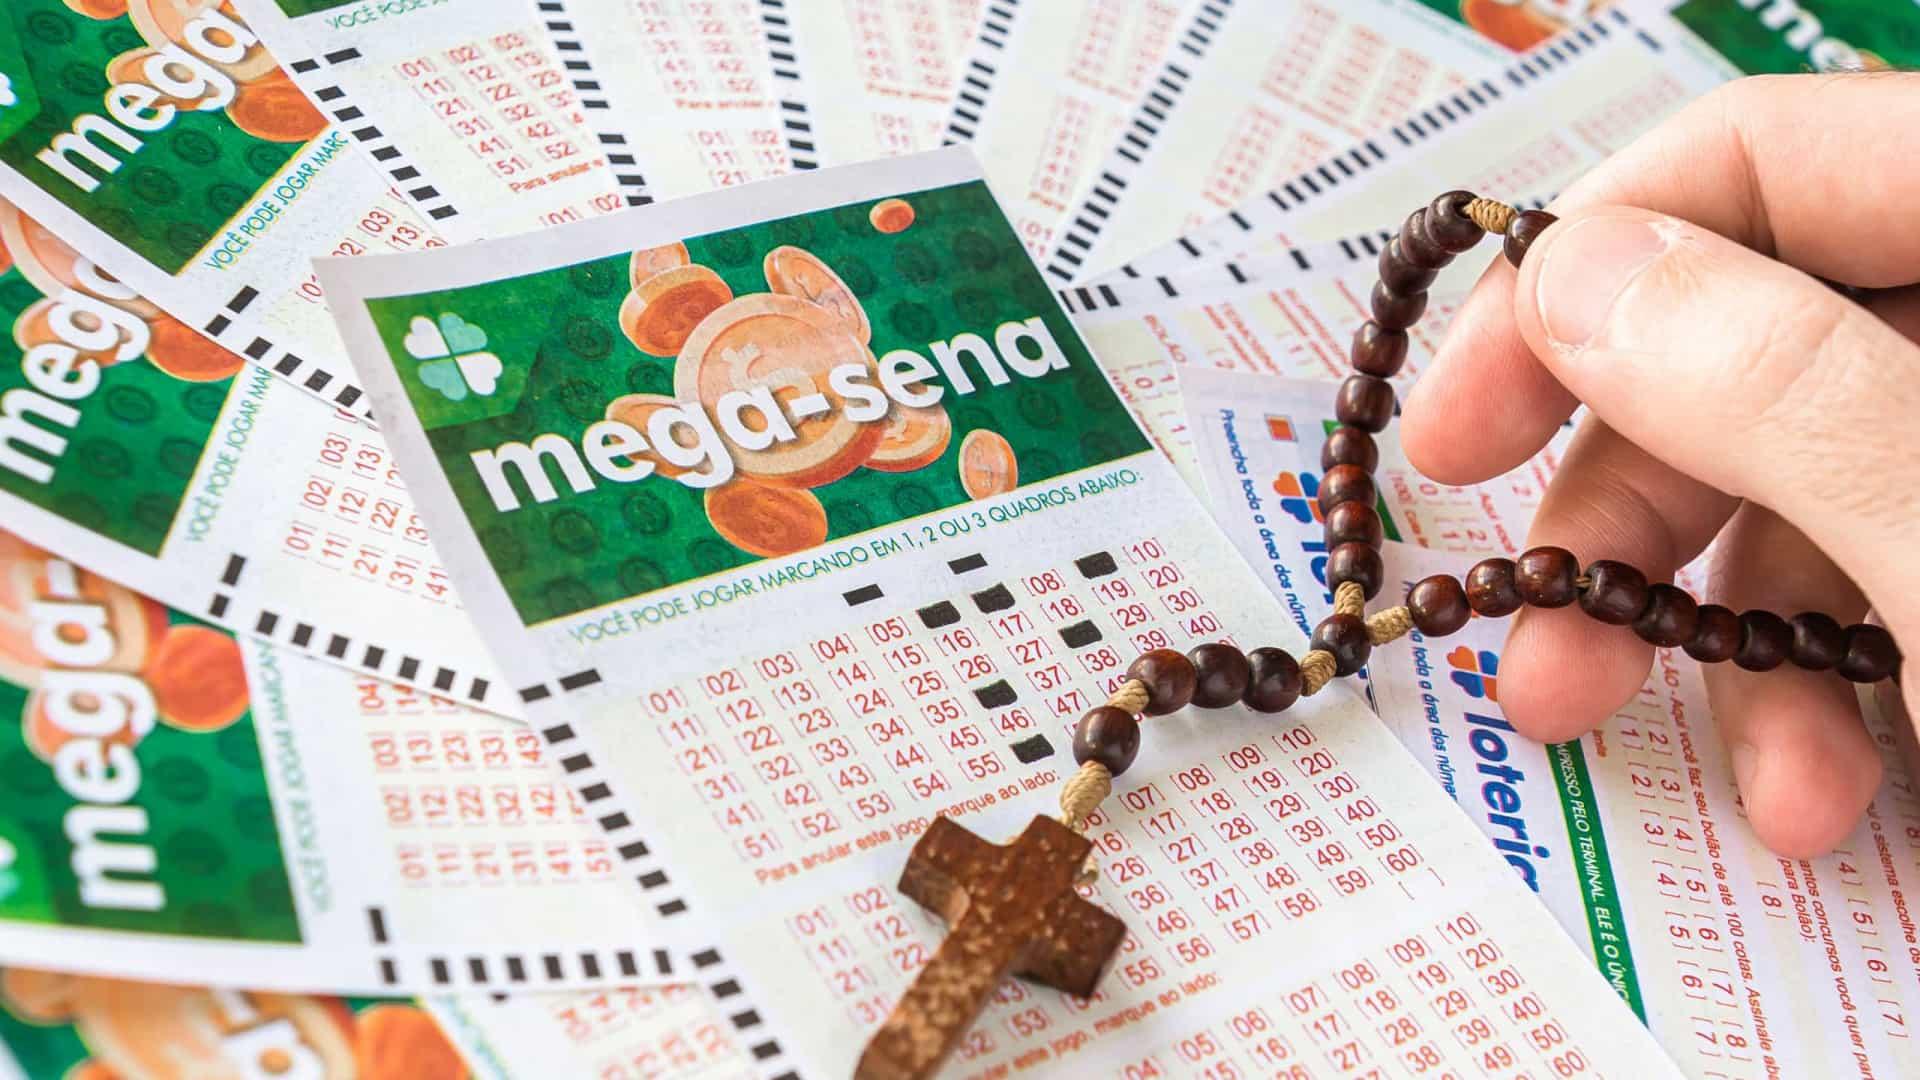 naom 5f7ec9035fd94 - Mega-Sena sorteia nesta quinta-feira prêmio acumulado de R$ 22 milhões